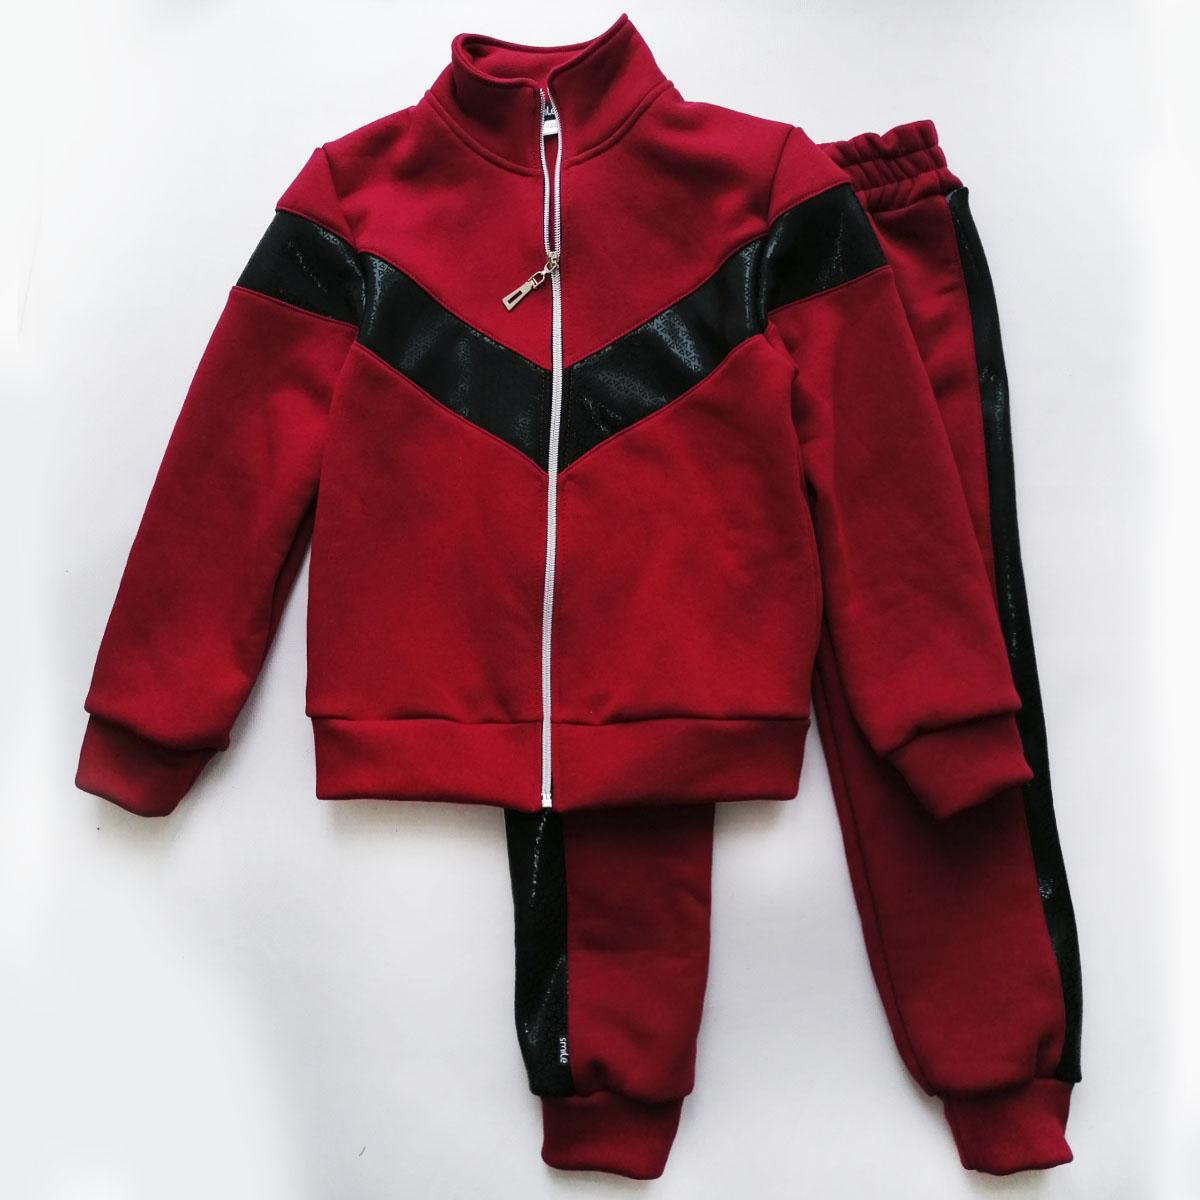 Теплый костюм для девочки, с начесом, бордовый, Cosy SmileTime